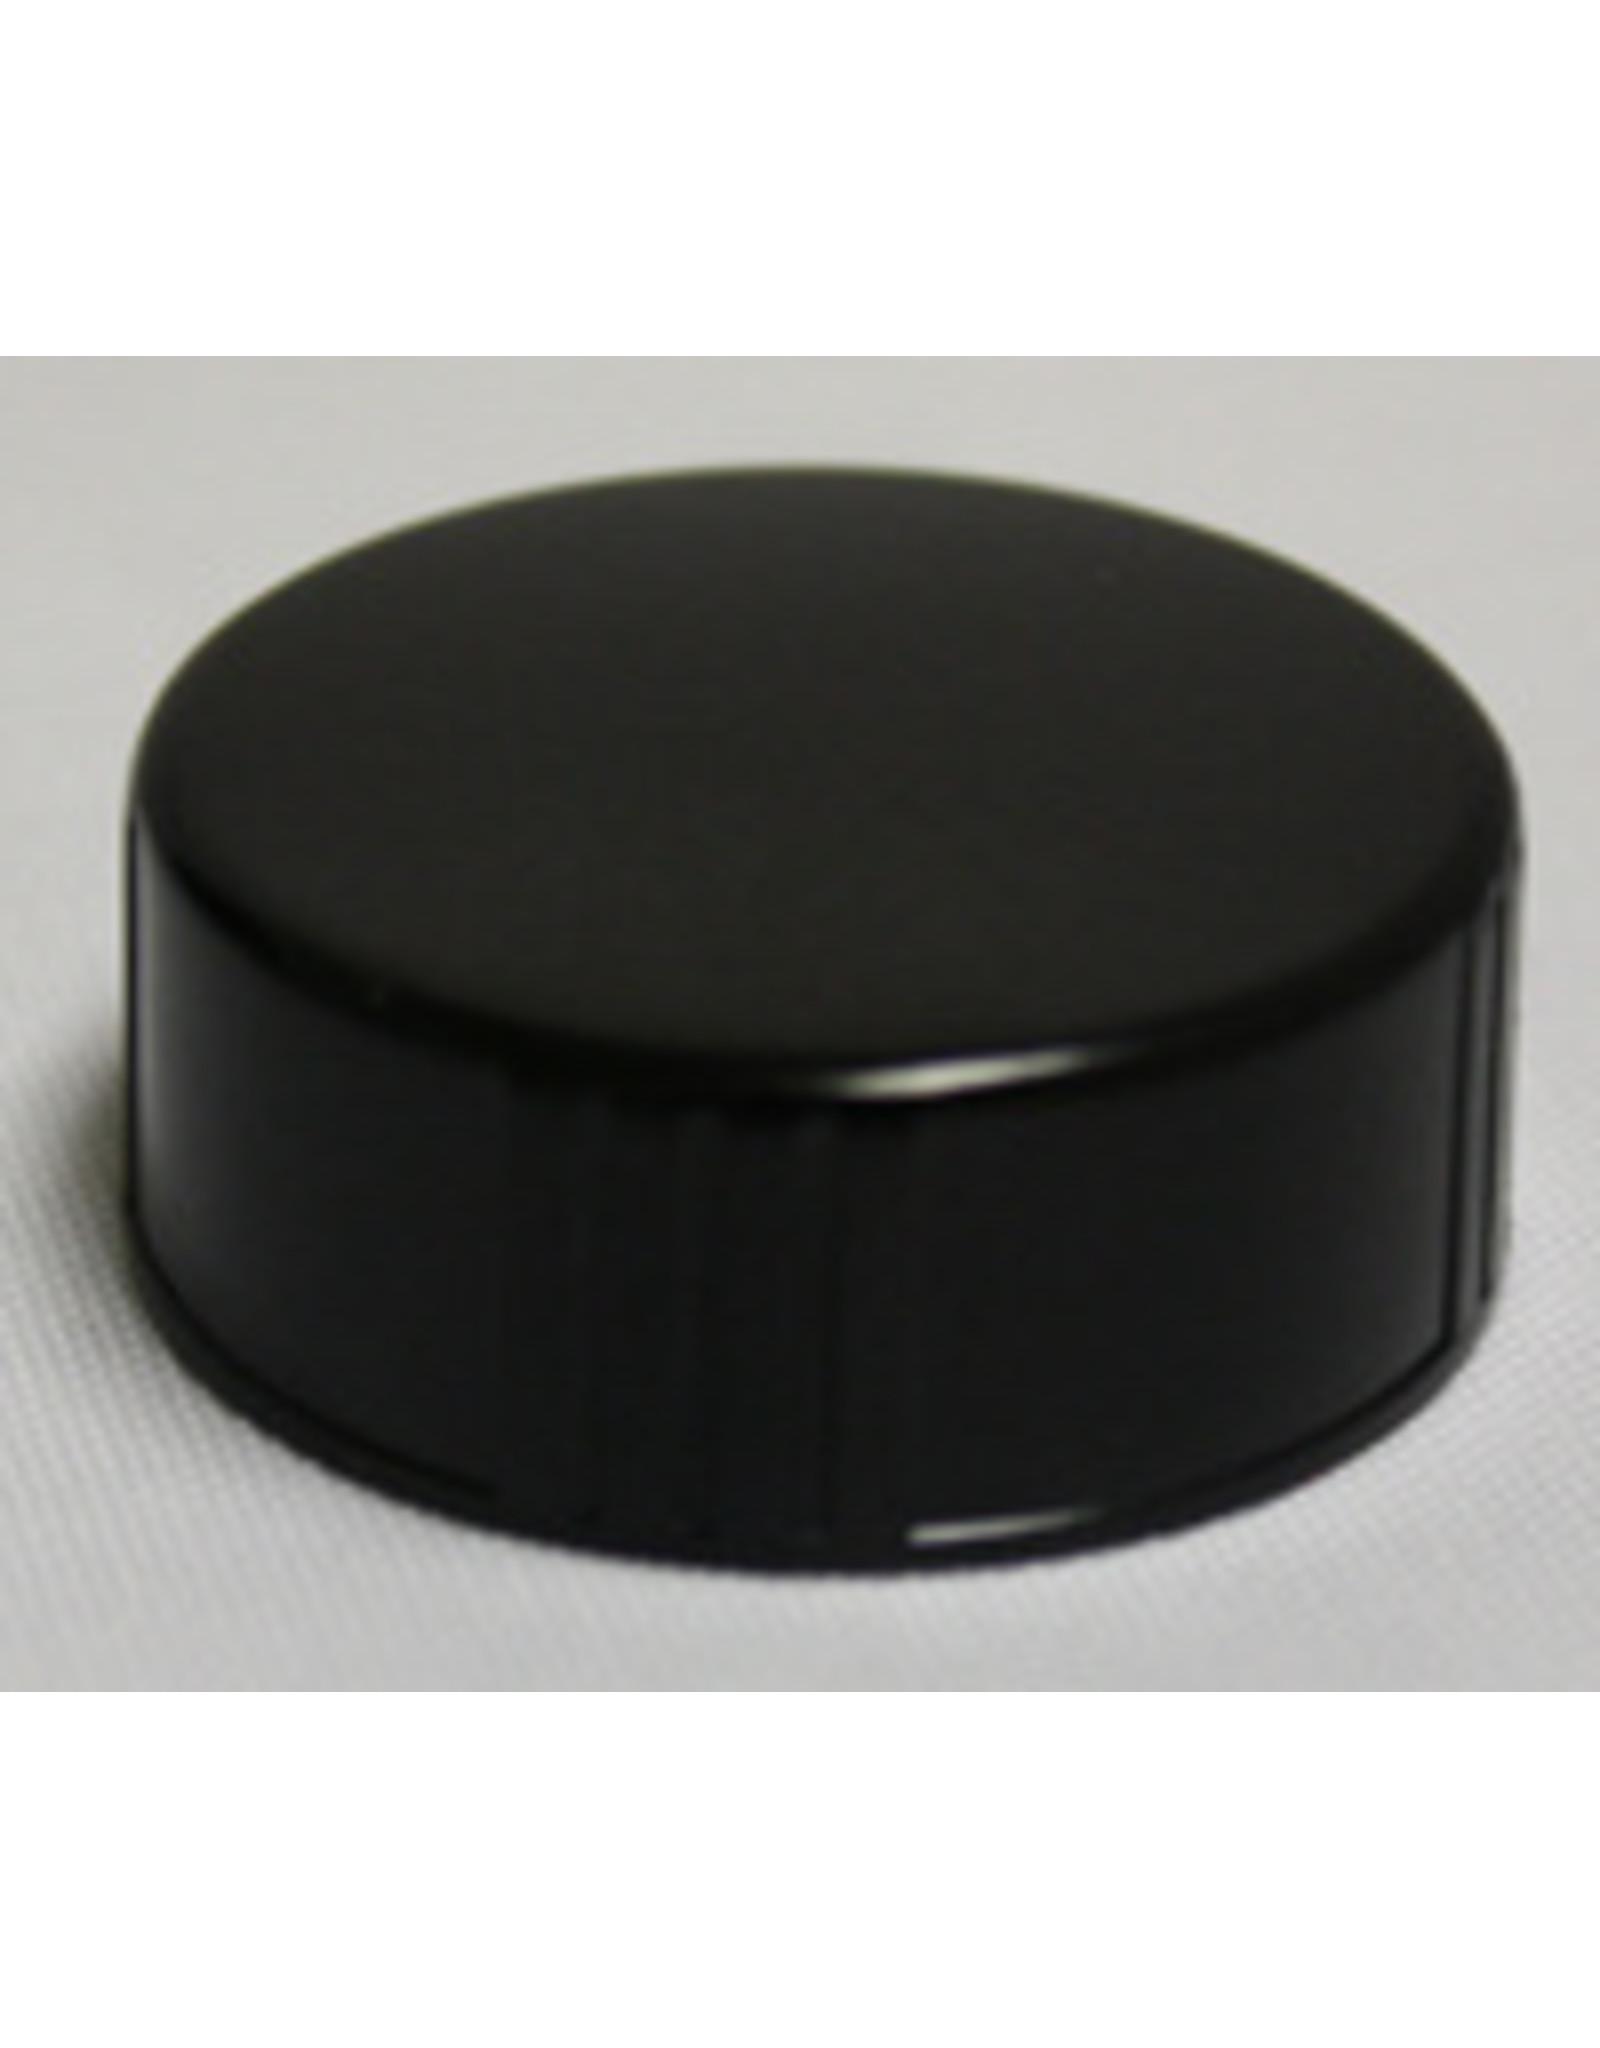 Caps - 28mm Polyseal Screw For Wine (12/Bag)